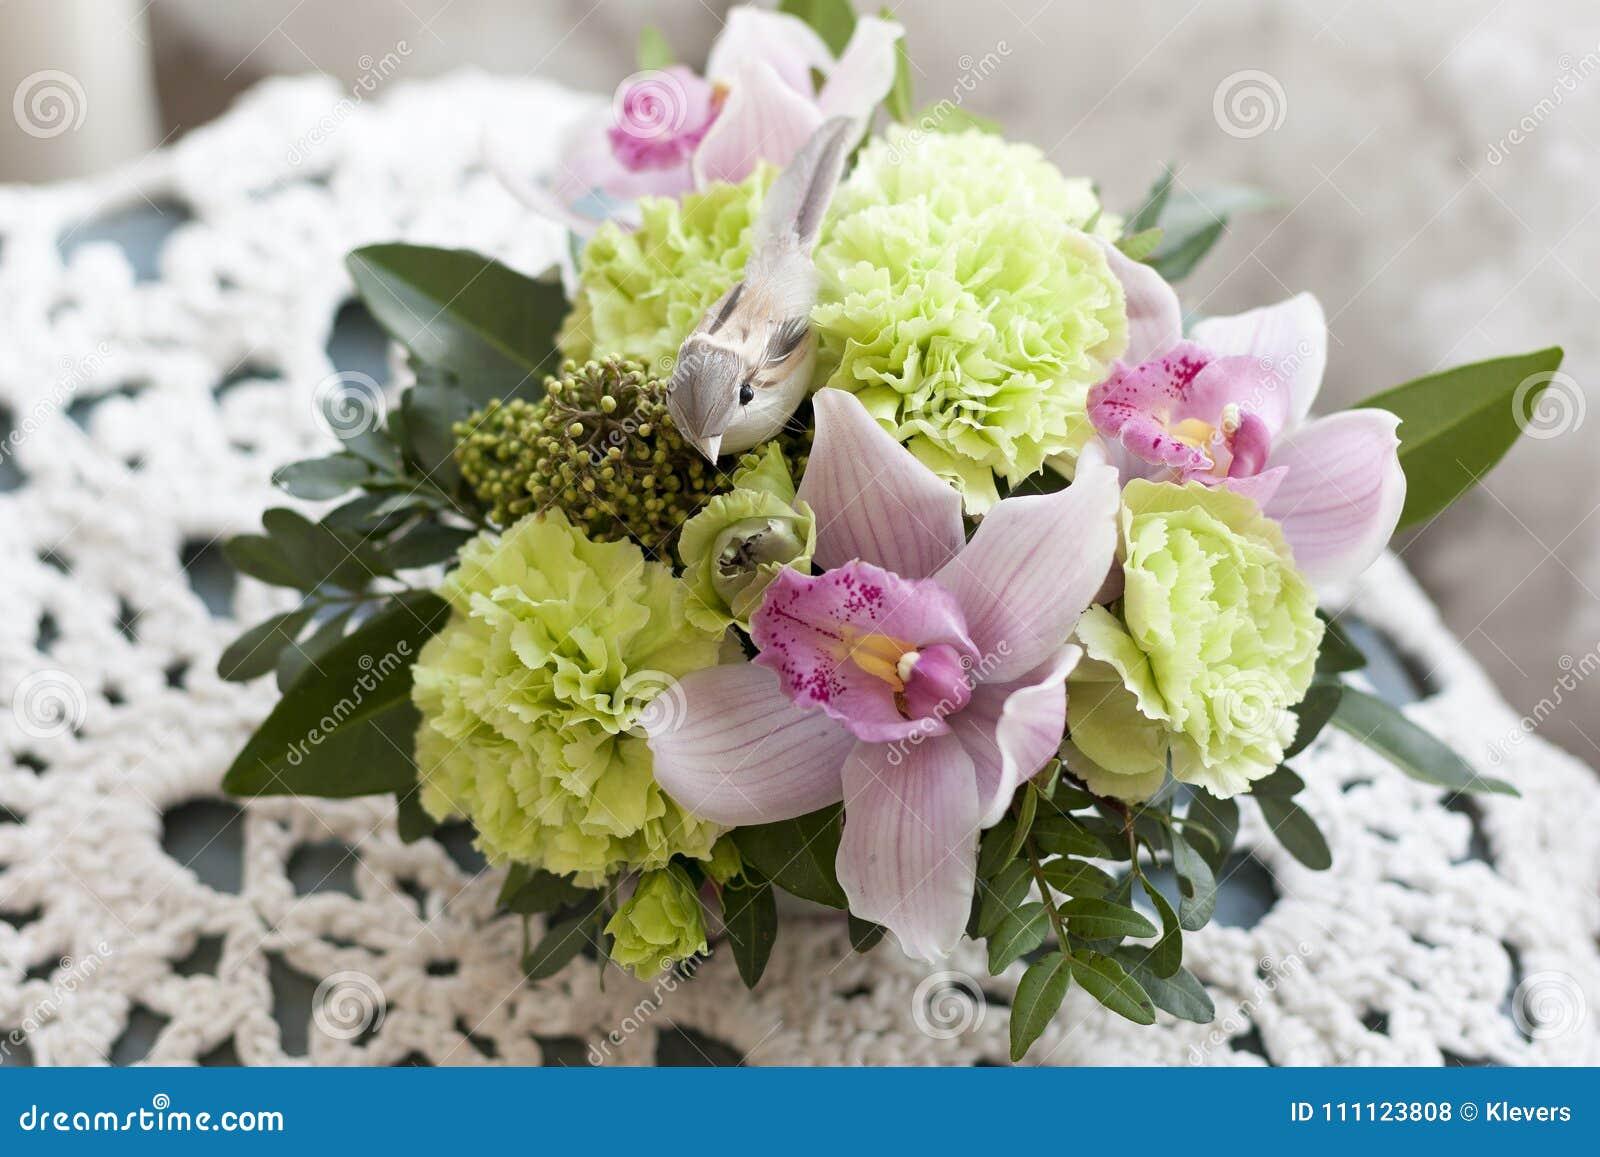 El Arreglo Floral Rosado Verde Con El Pájaro Decorativo Se